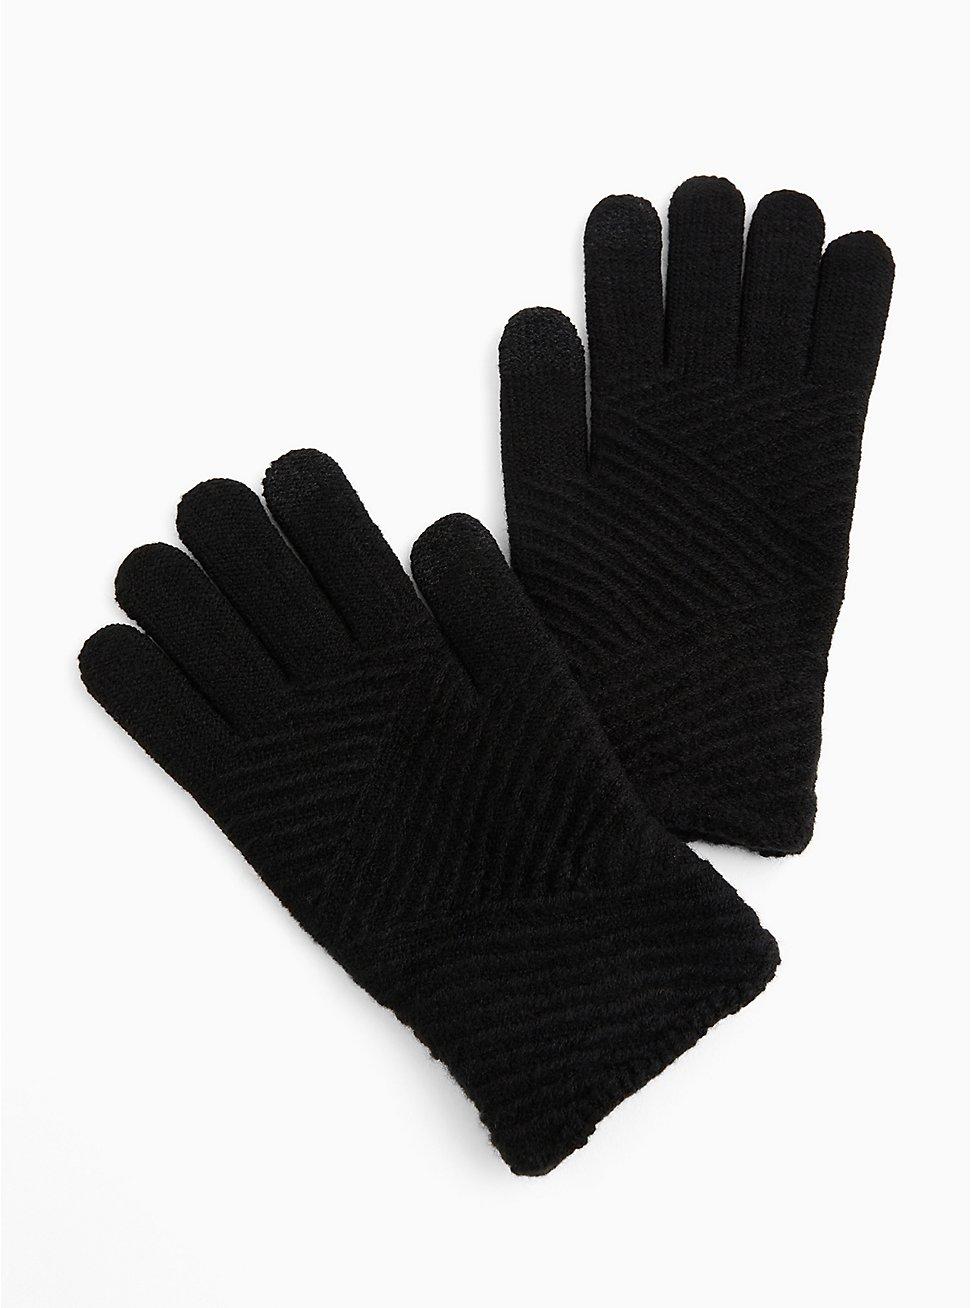 Black Texting Gloves, , hi-res